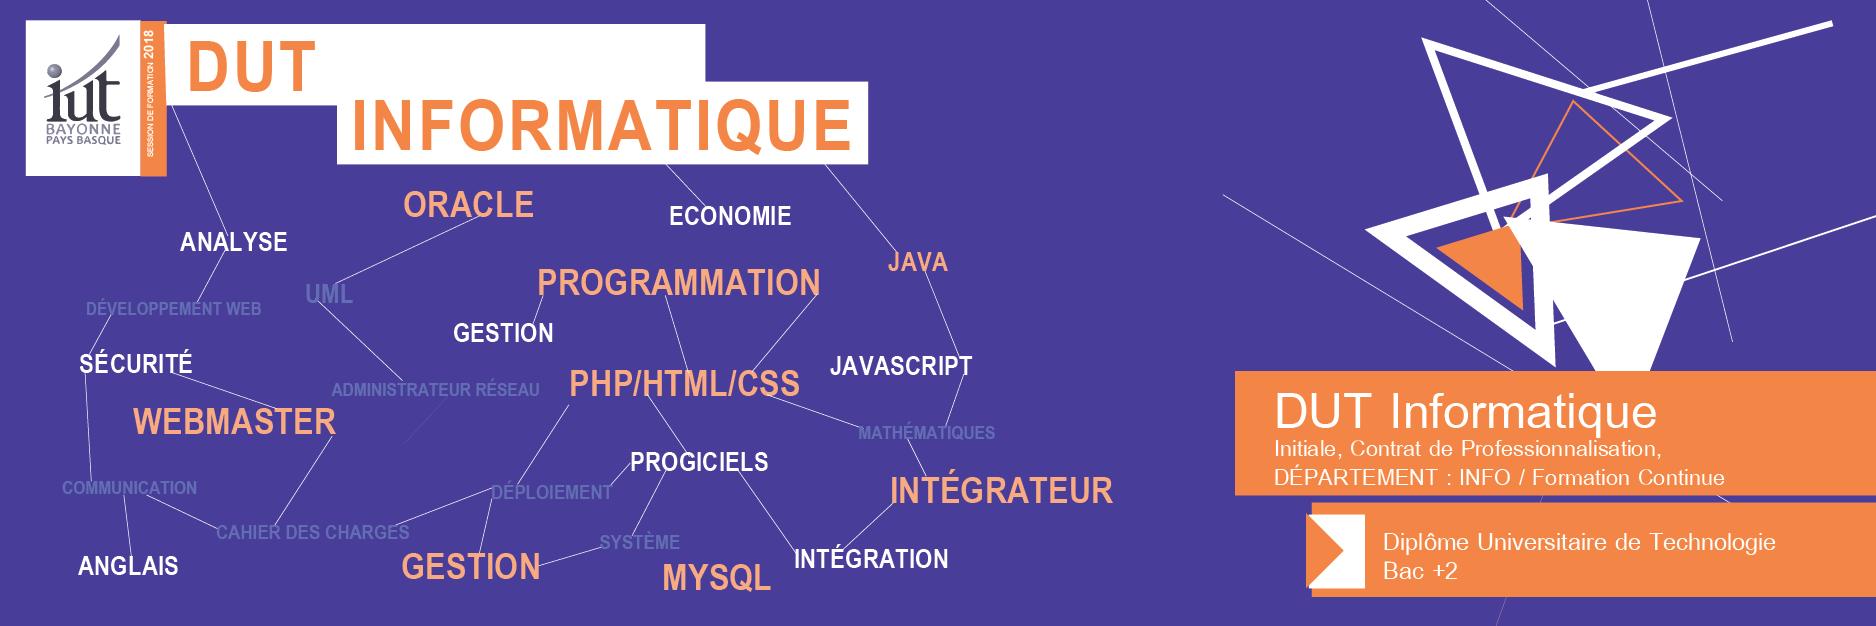 dut_bandeau_et_vignette_info-iut_bayonne-paysbasque-1